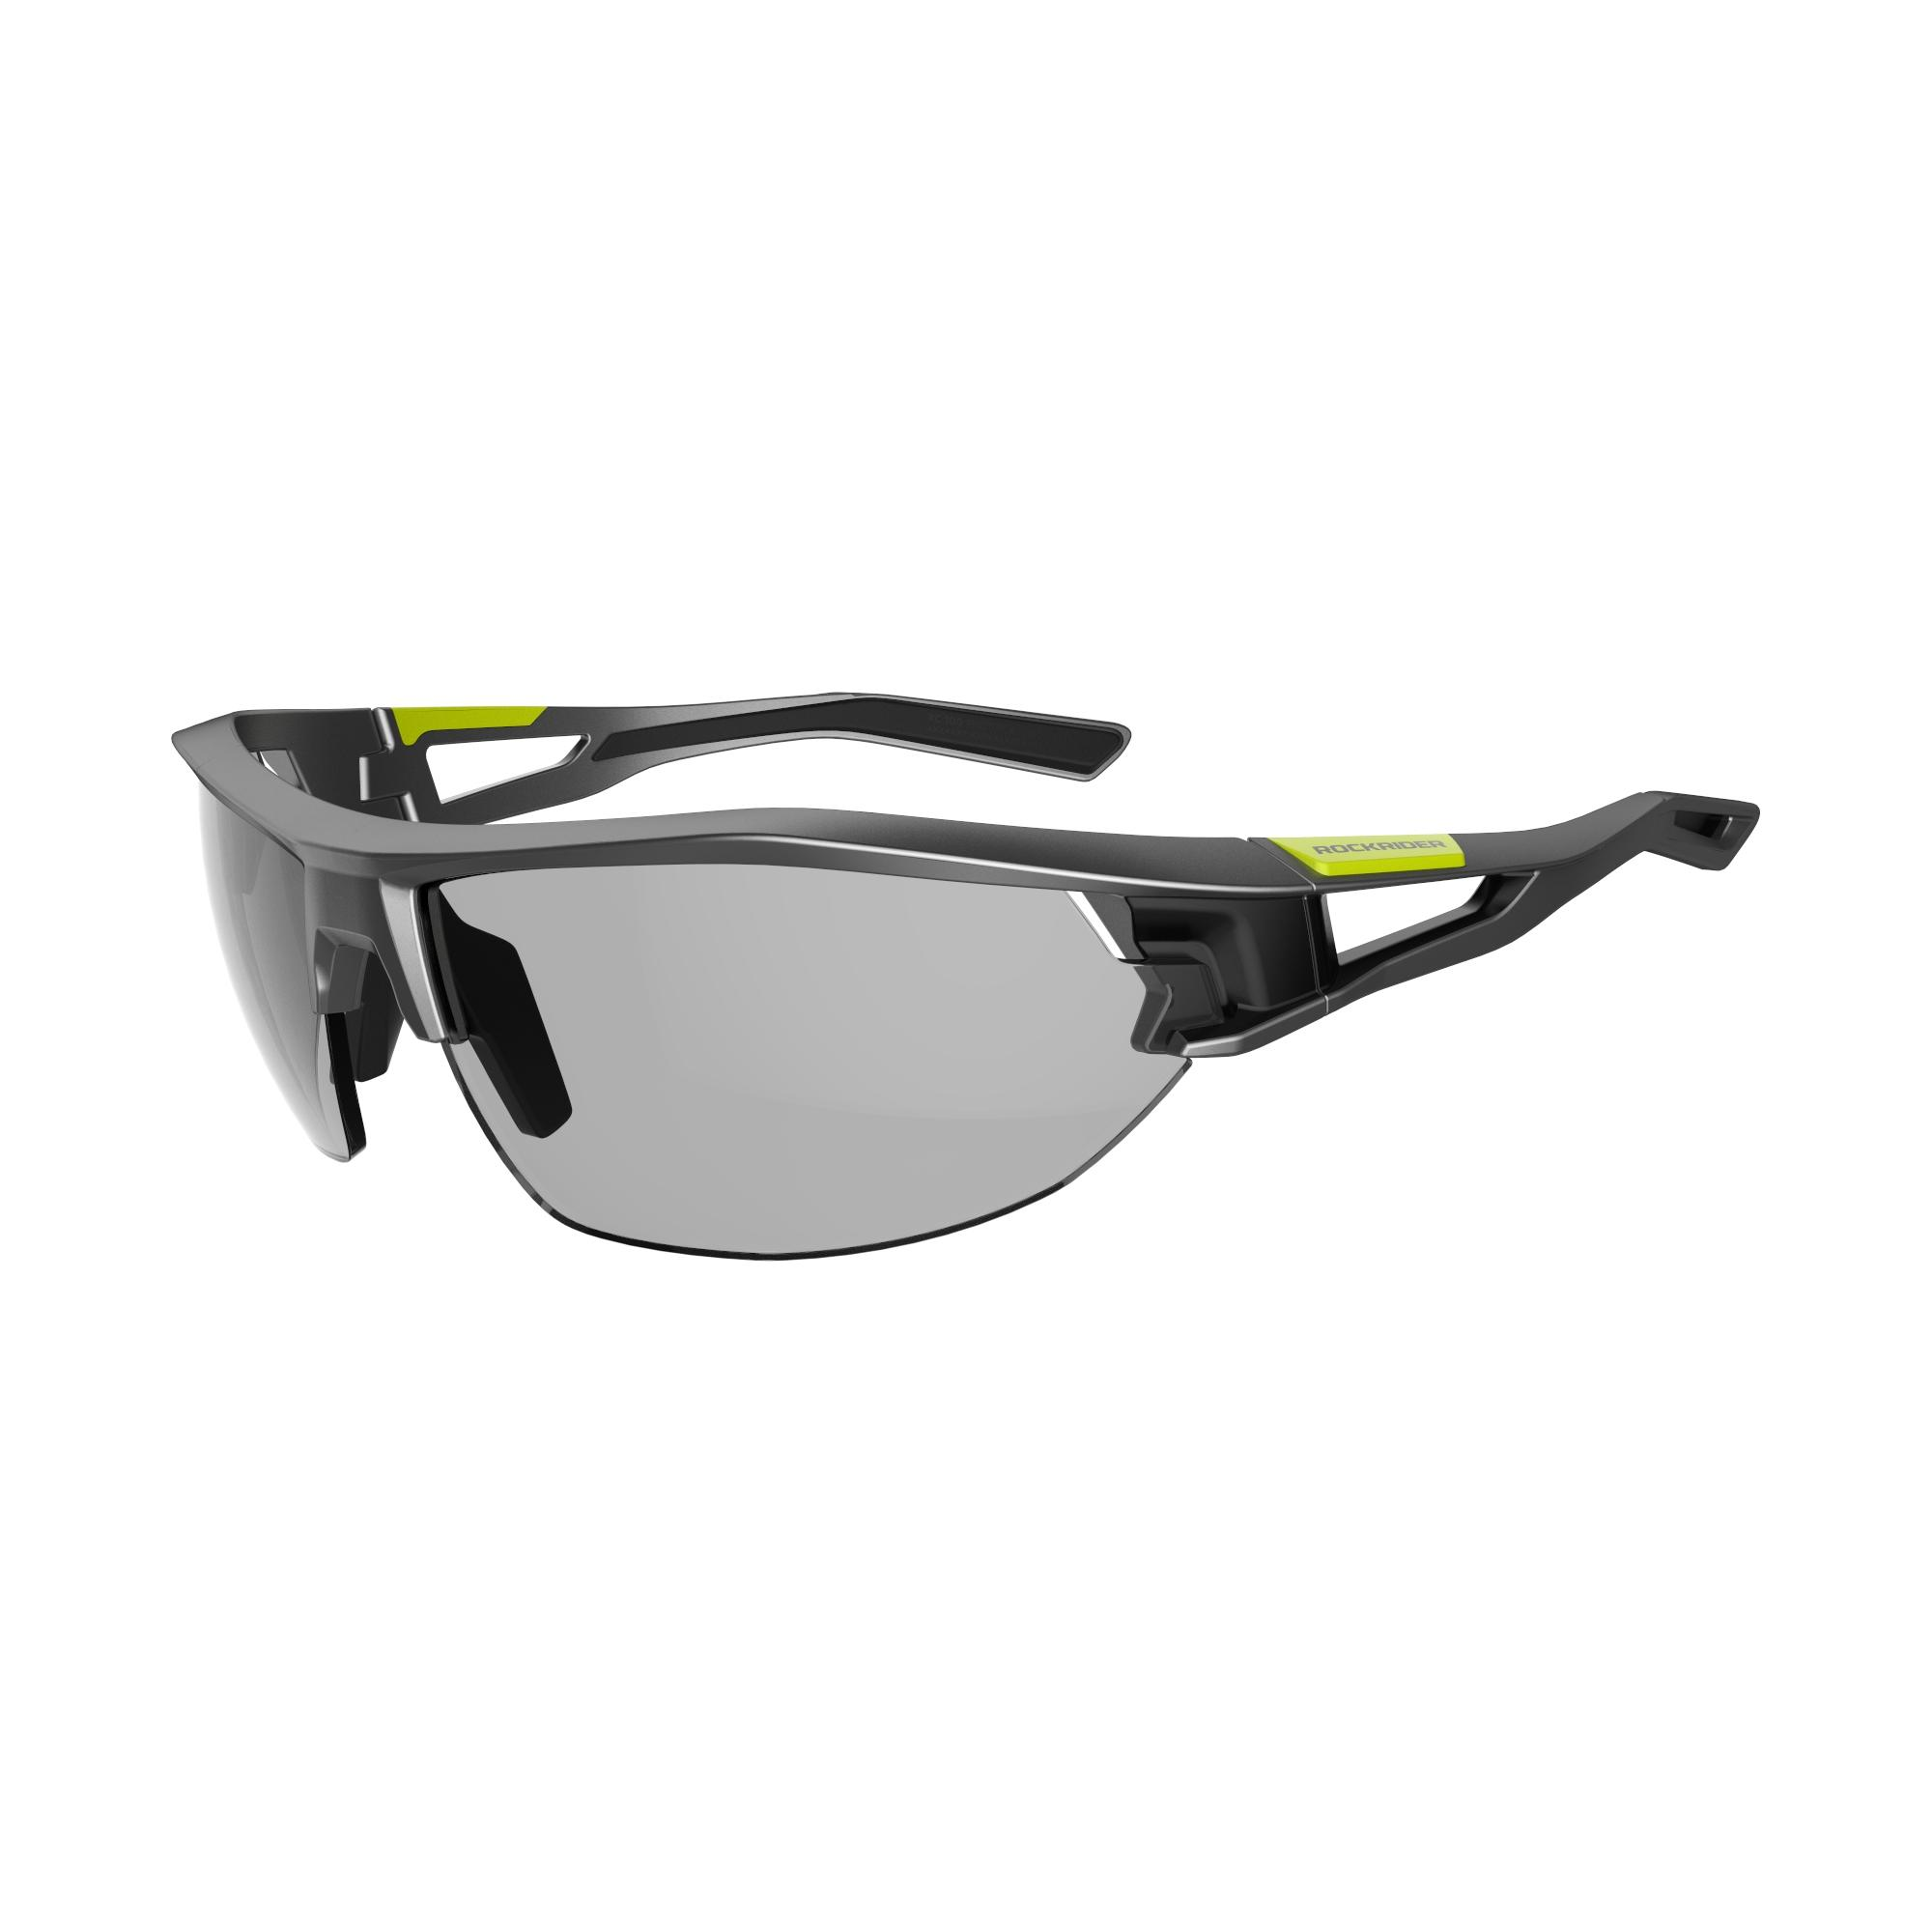 Orao Fietsbril volwassenen XC 120 fotochromisch grijs en zwart categorie 1 tot 3